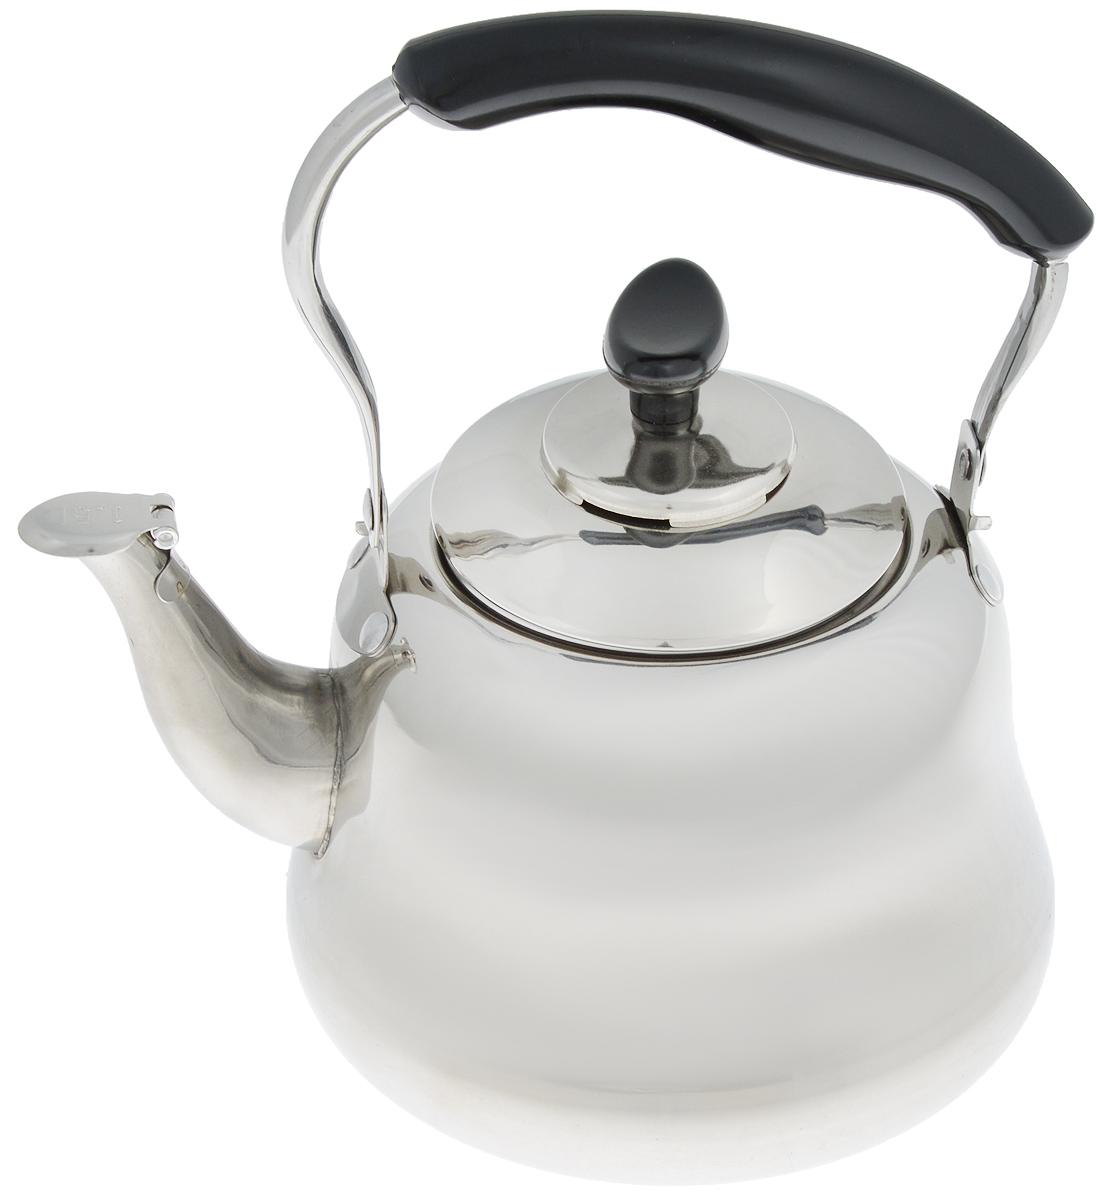 Чайник Mayer & Boch, со свистком и фильтром, 1,5 л. 2351223512Чайник Mayer & Boch изготовлен из высококачественной нержавеющей стали. Он оснащен подвижной ручкой из стали с бакелитовой накладкой, что делает использование чайника очень удобным и безопасным. Крышка снабжена свистком, позволяя контролировать процесс подогрева или кипячения воды. Также имеется фильтр из нержавеющей стали. Эстетичный и функциональный чайник будет оригинально смотреться в любом интерьере. Подходит для электрических, газовых и стеклокерамических плит. Можно мыть в посудомоечной машине. Высота чайника (без учета ручки и крышки): 11 см. Высота чайника (с учетом ручки и крышки): 21 см. Диаметр чайника (по верхнему краю): 9 см.